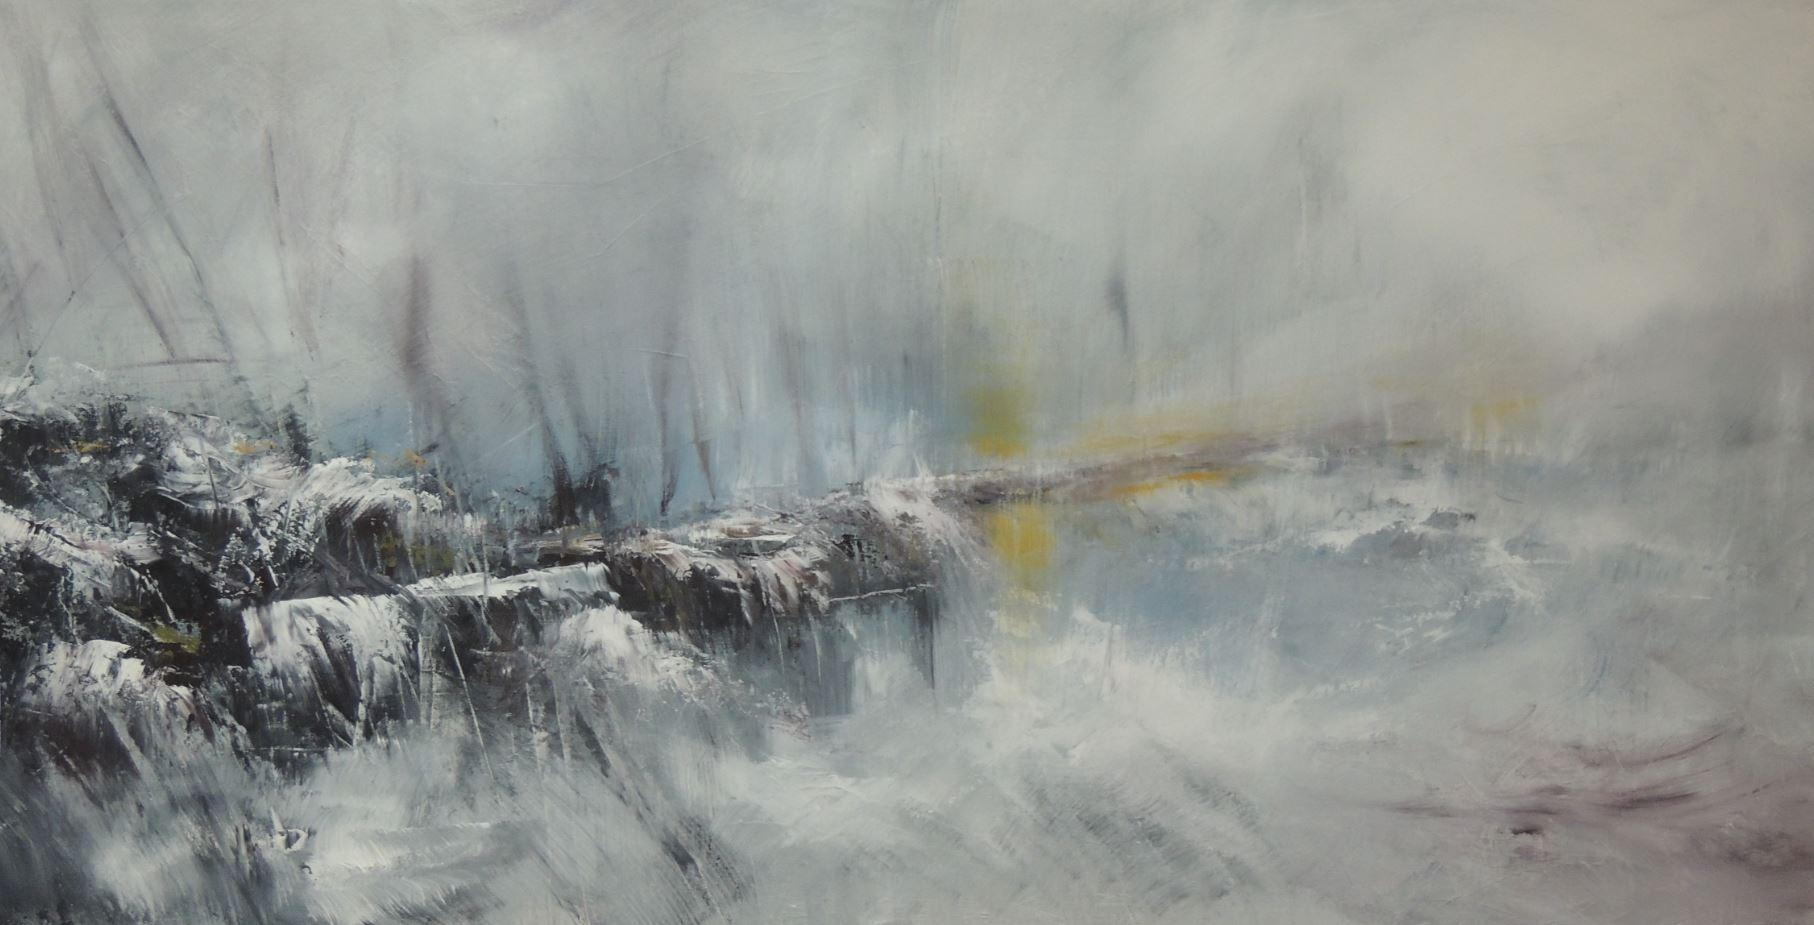 Grigio 3 - 80 x 160 - Acrylique sur toile